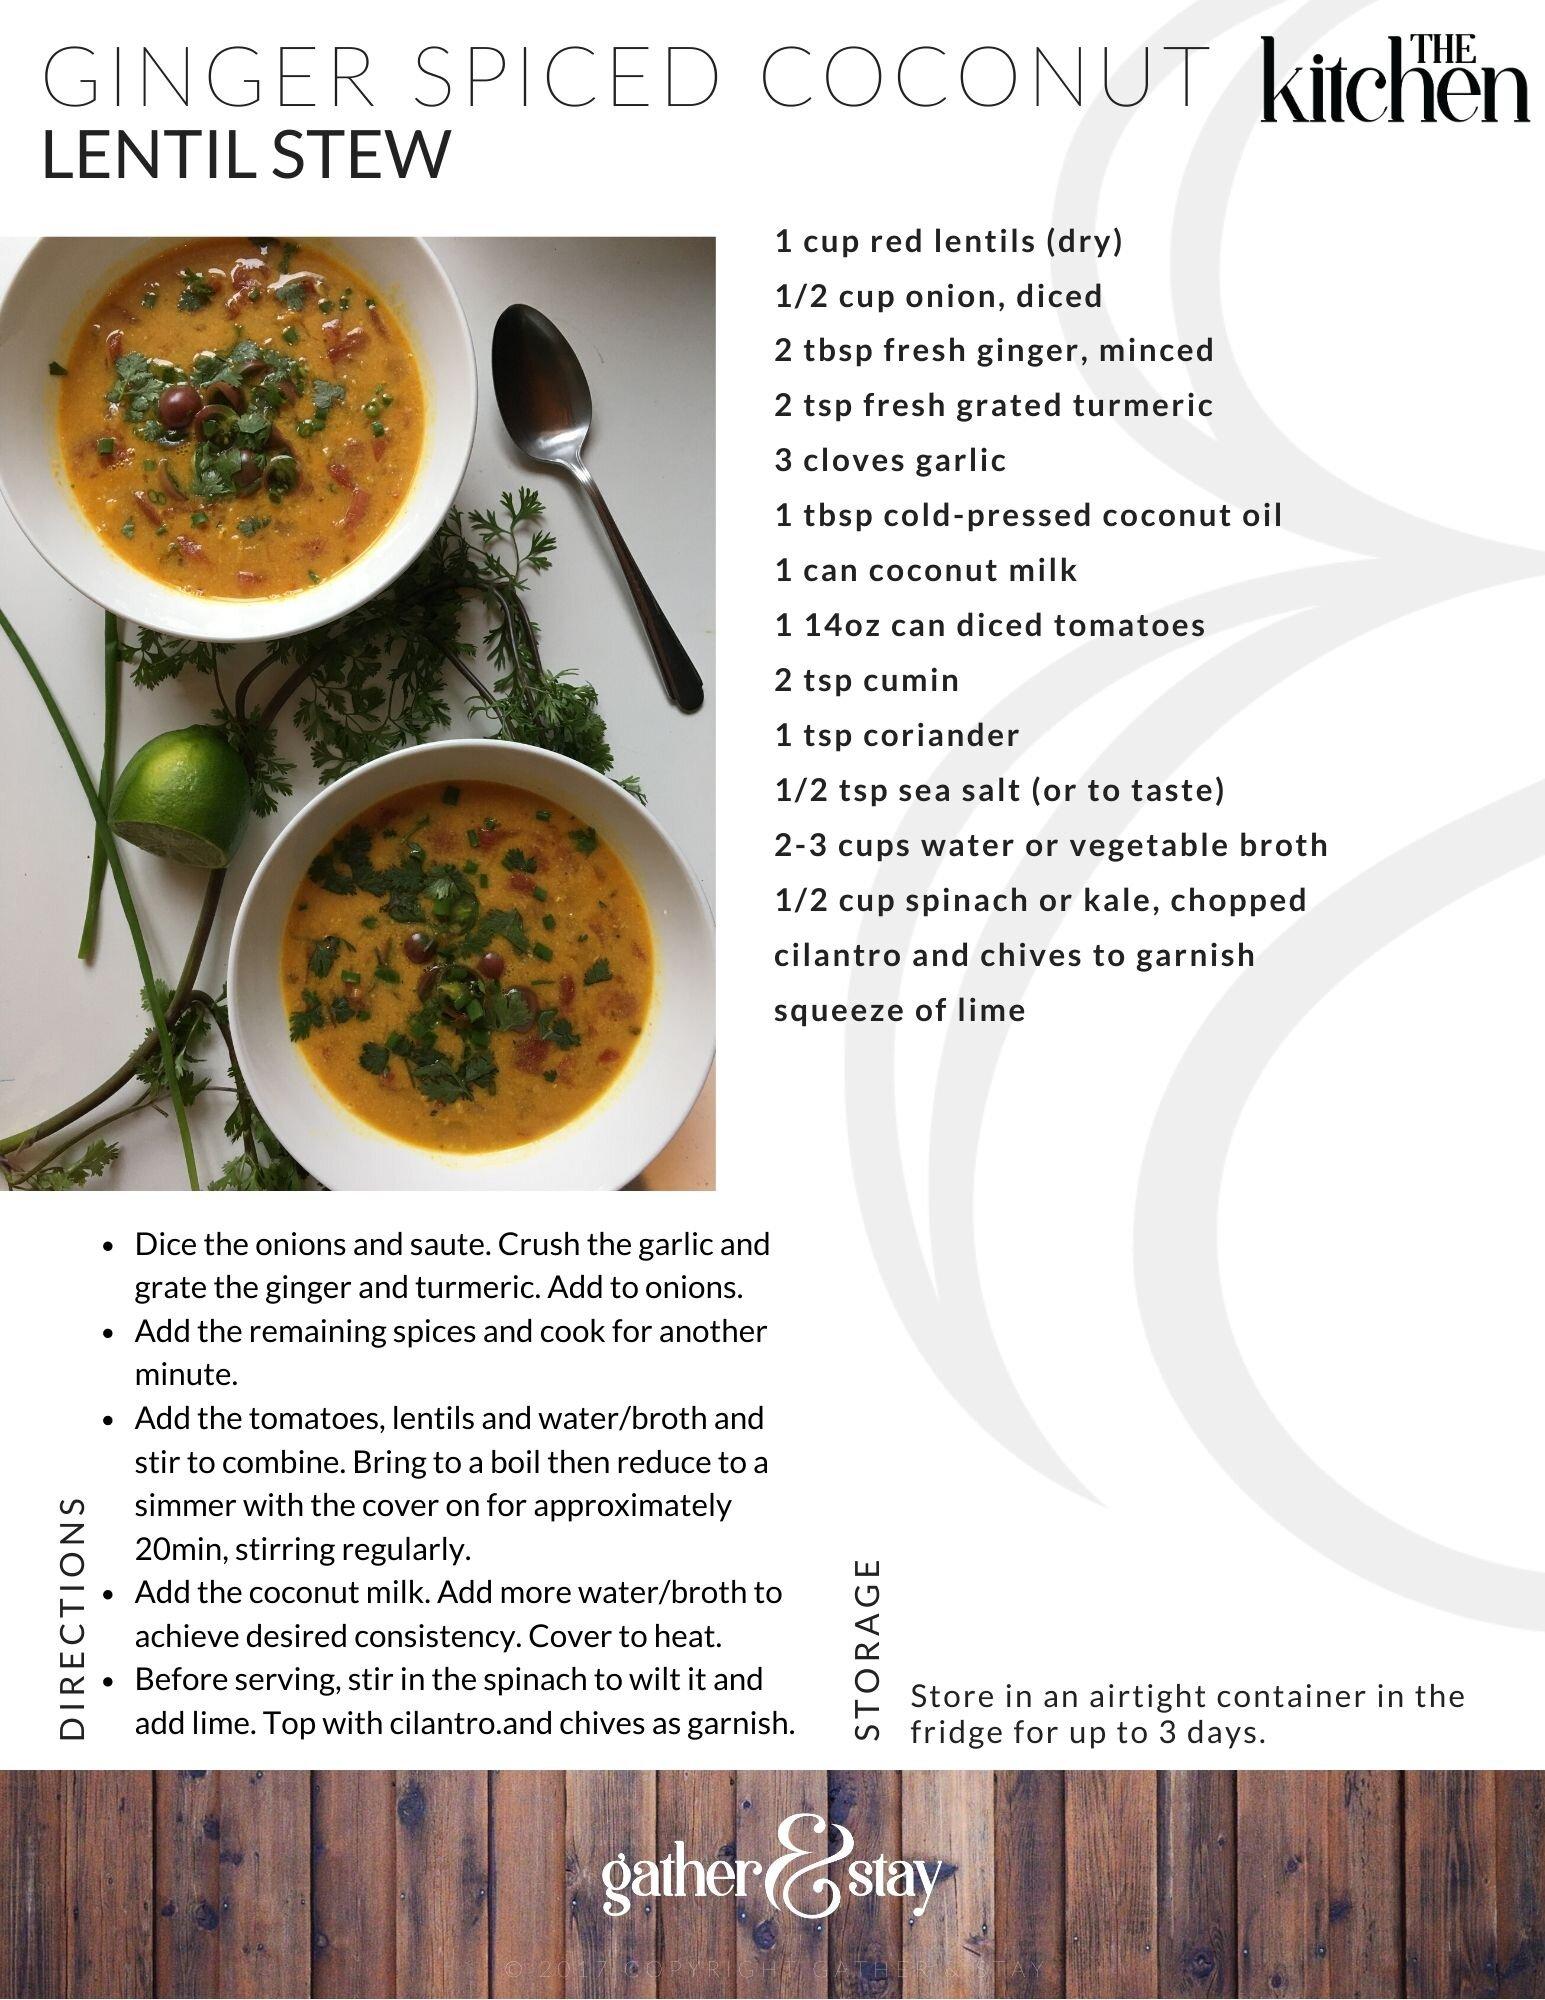 Ginger Spiced Coconut Lentil Stew